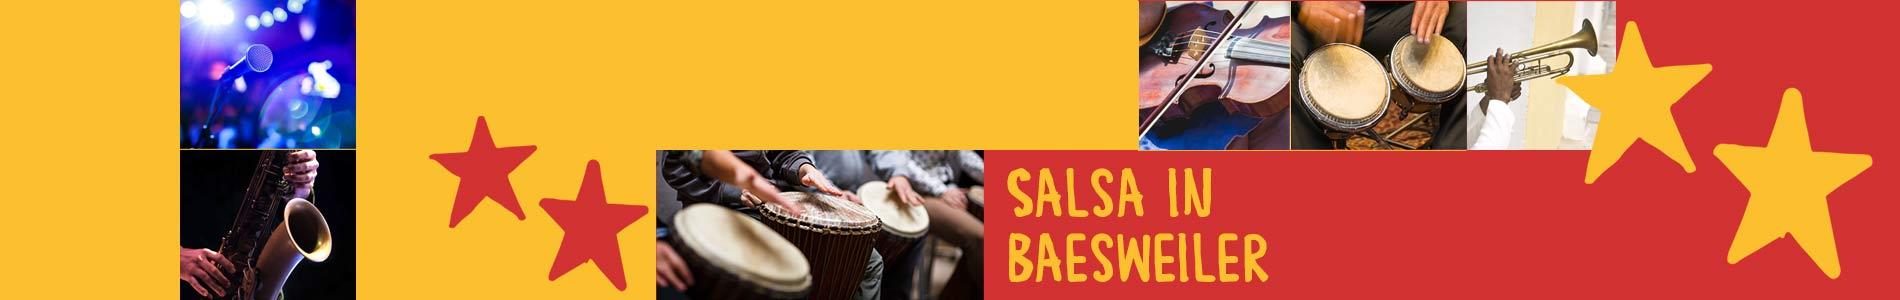 Salsa in Baesweiler – Salsa lernen und tanzen, Tanzkurse, Partys, Veranstaltungen